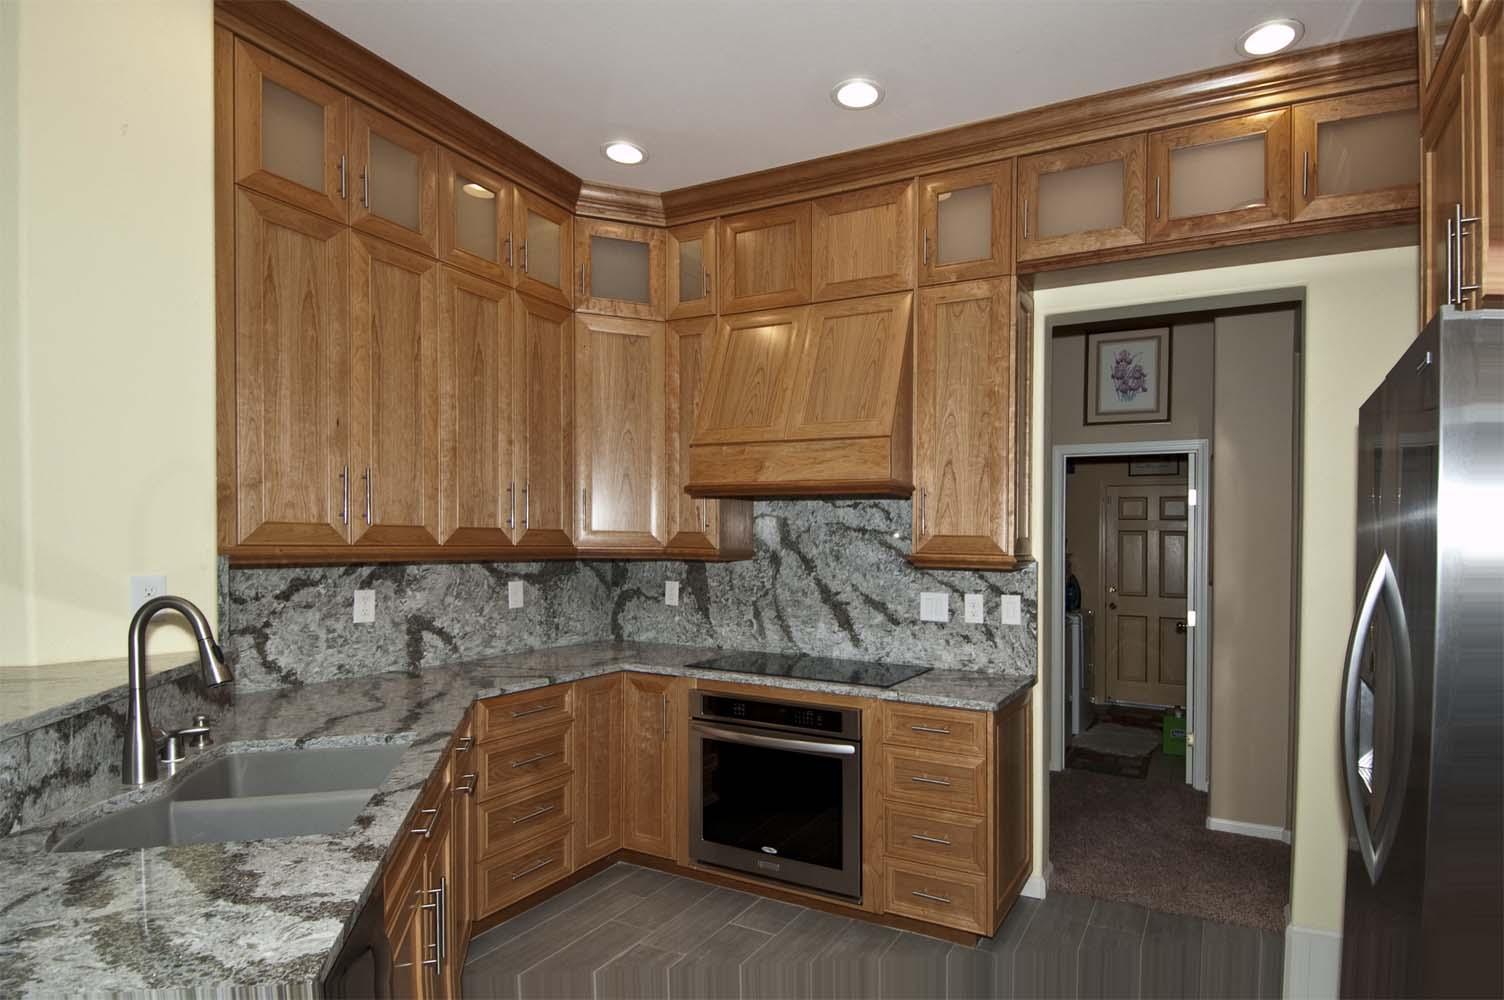 Cherry Wood Kitchen | Unique Design Cabinet Co